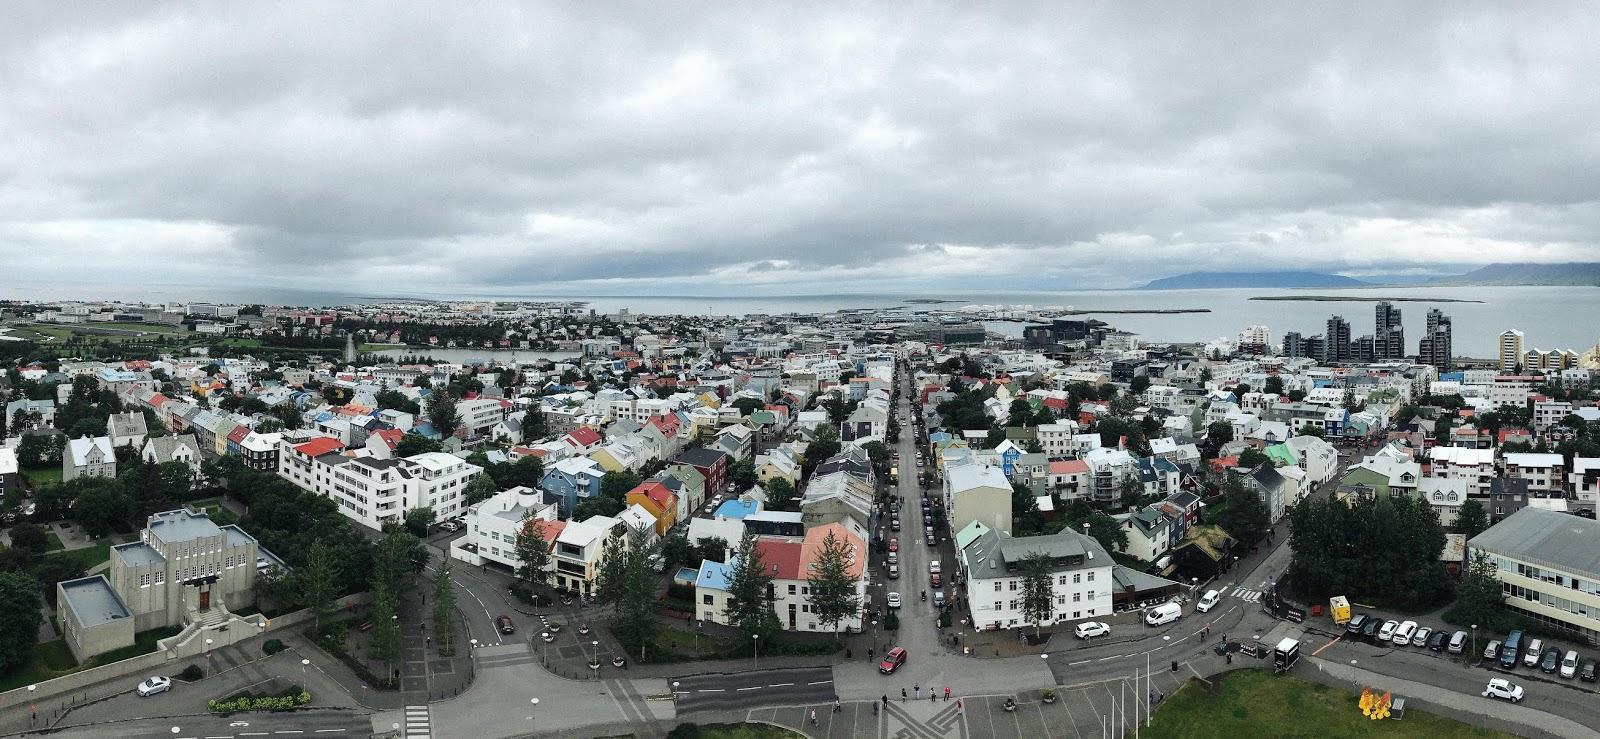 reykjavik travel iceland tips photography blogger fashion